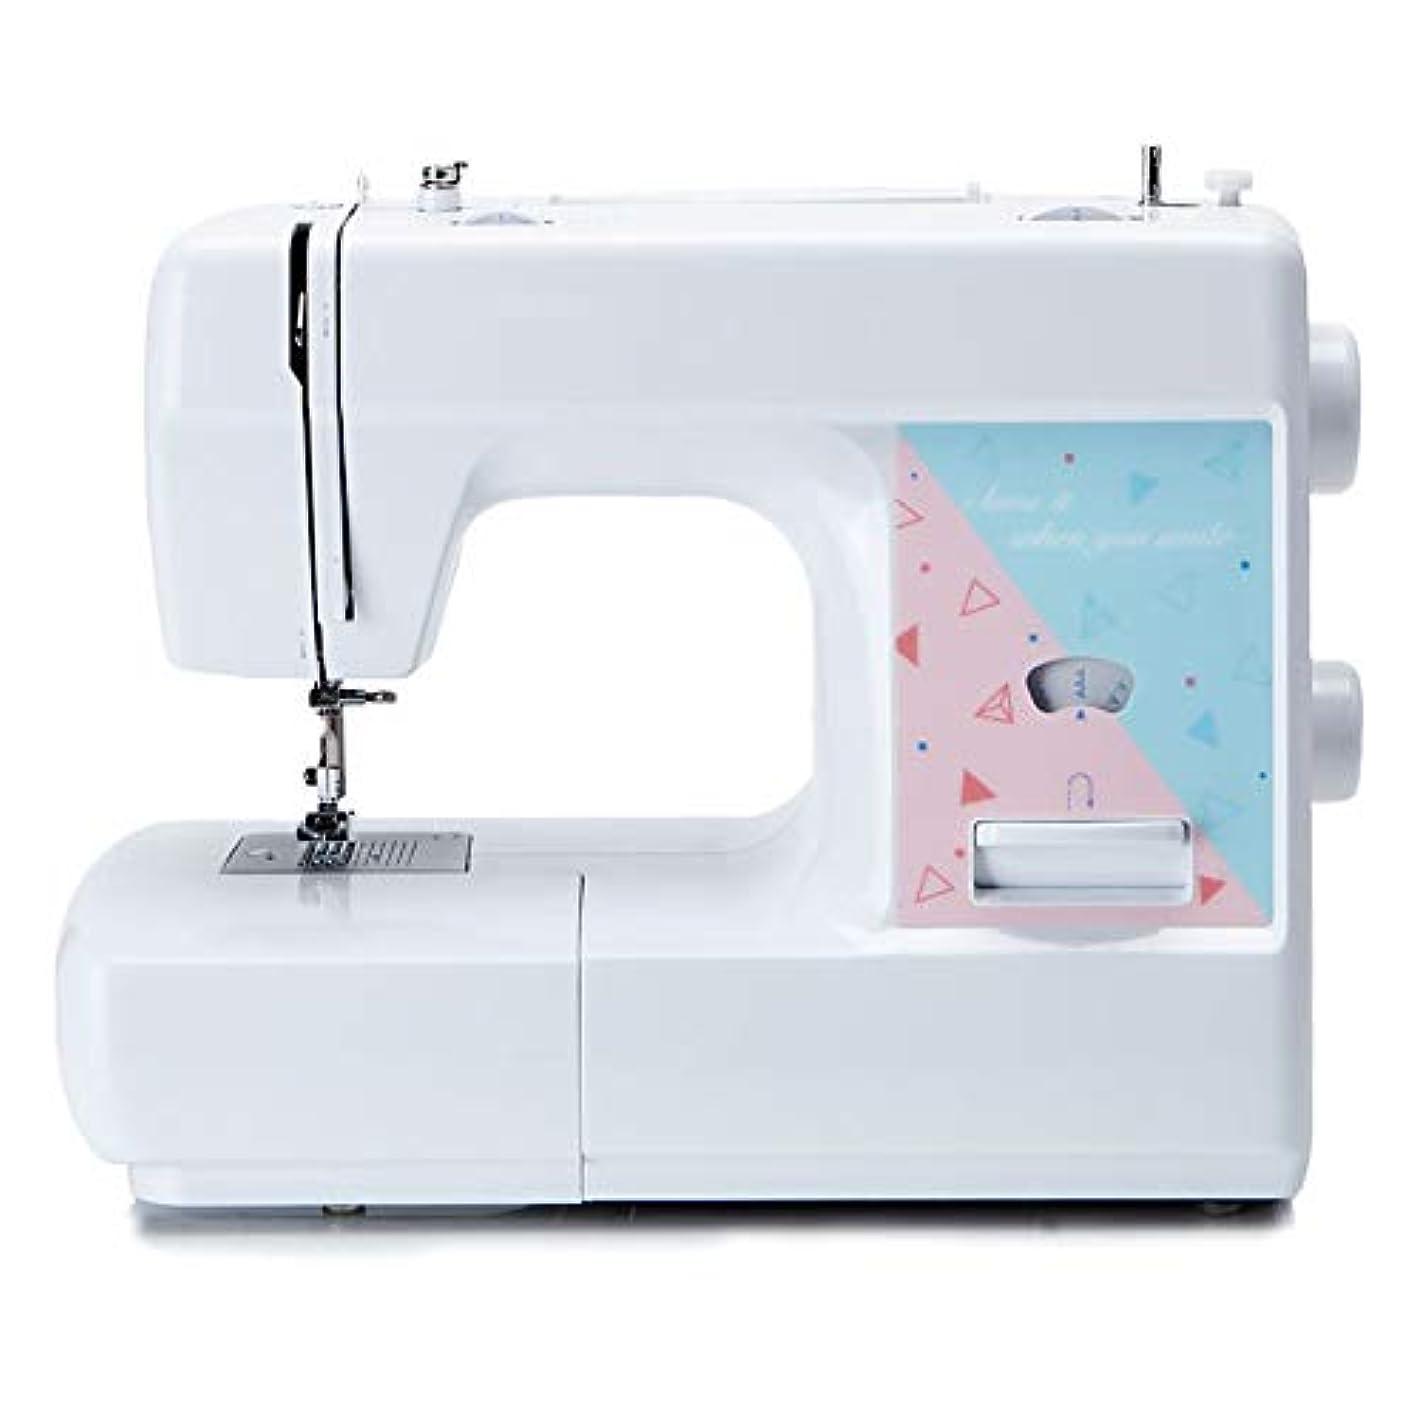 キャプテン変位エンゲージメントミシン、家庭用多機能小型電動ミシンセット日常縫製、刺繍